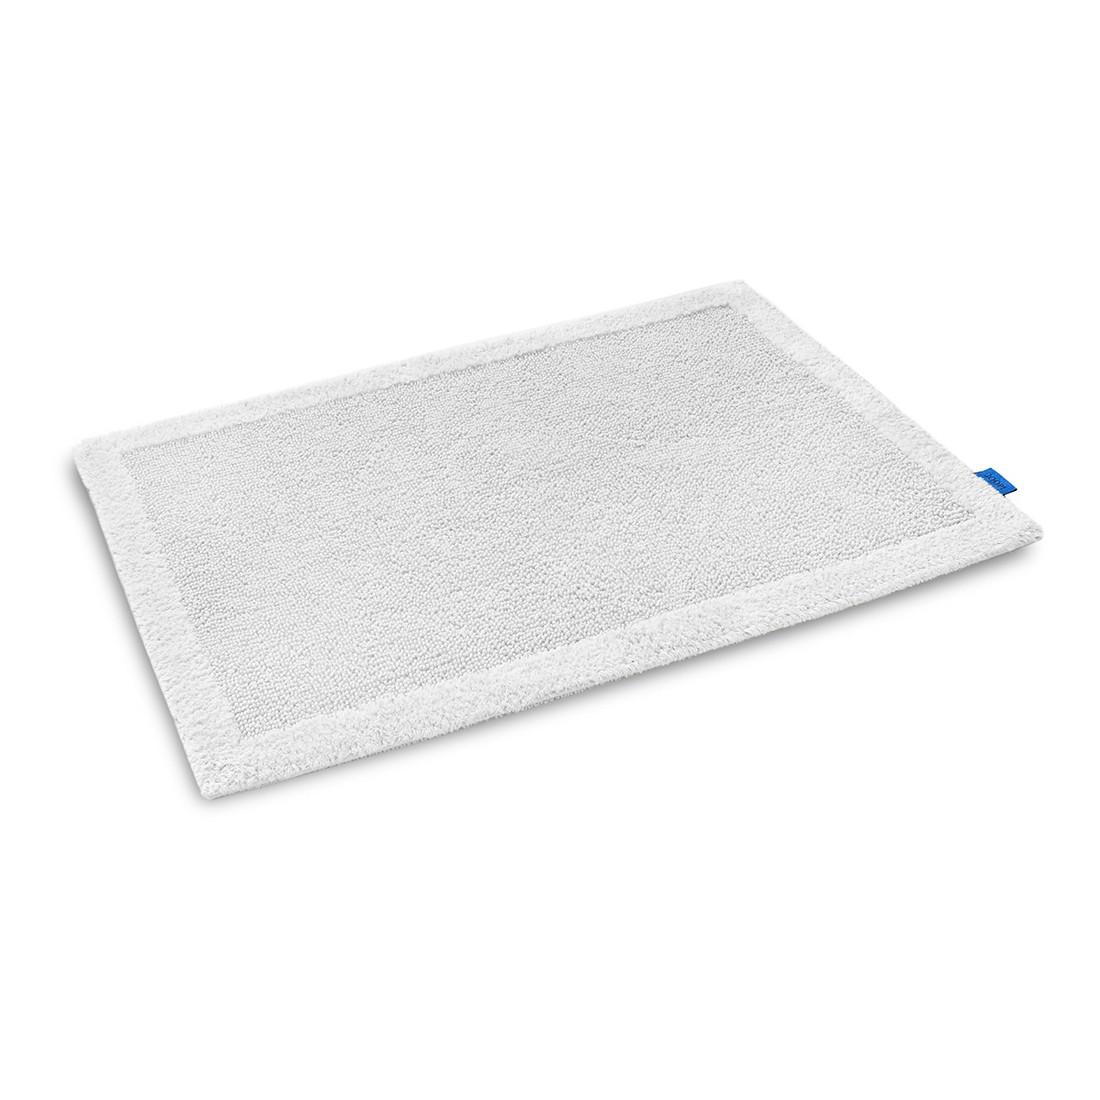 Badteppich Cotton Classic – 100% Baumwolle Weiß – 001 – 60 x 90 cm, Joop online kaufen